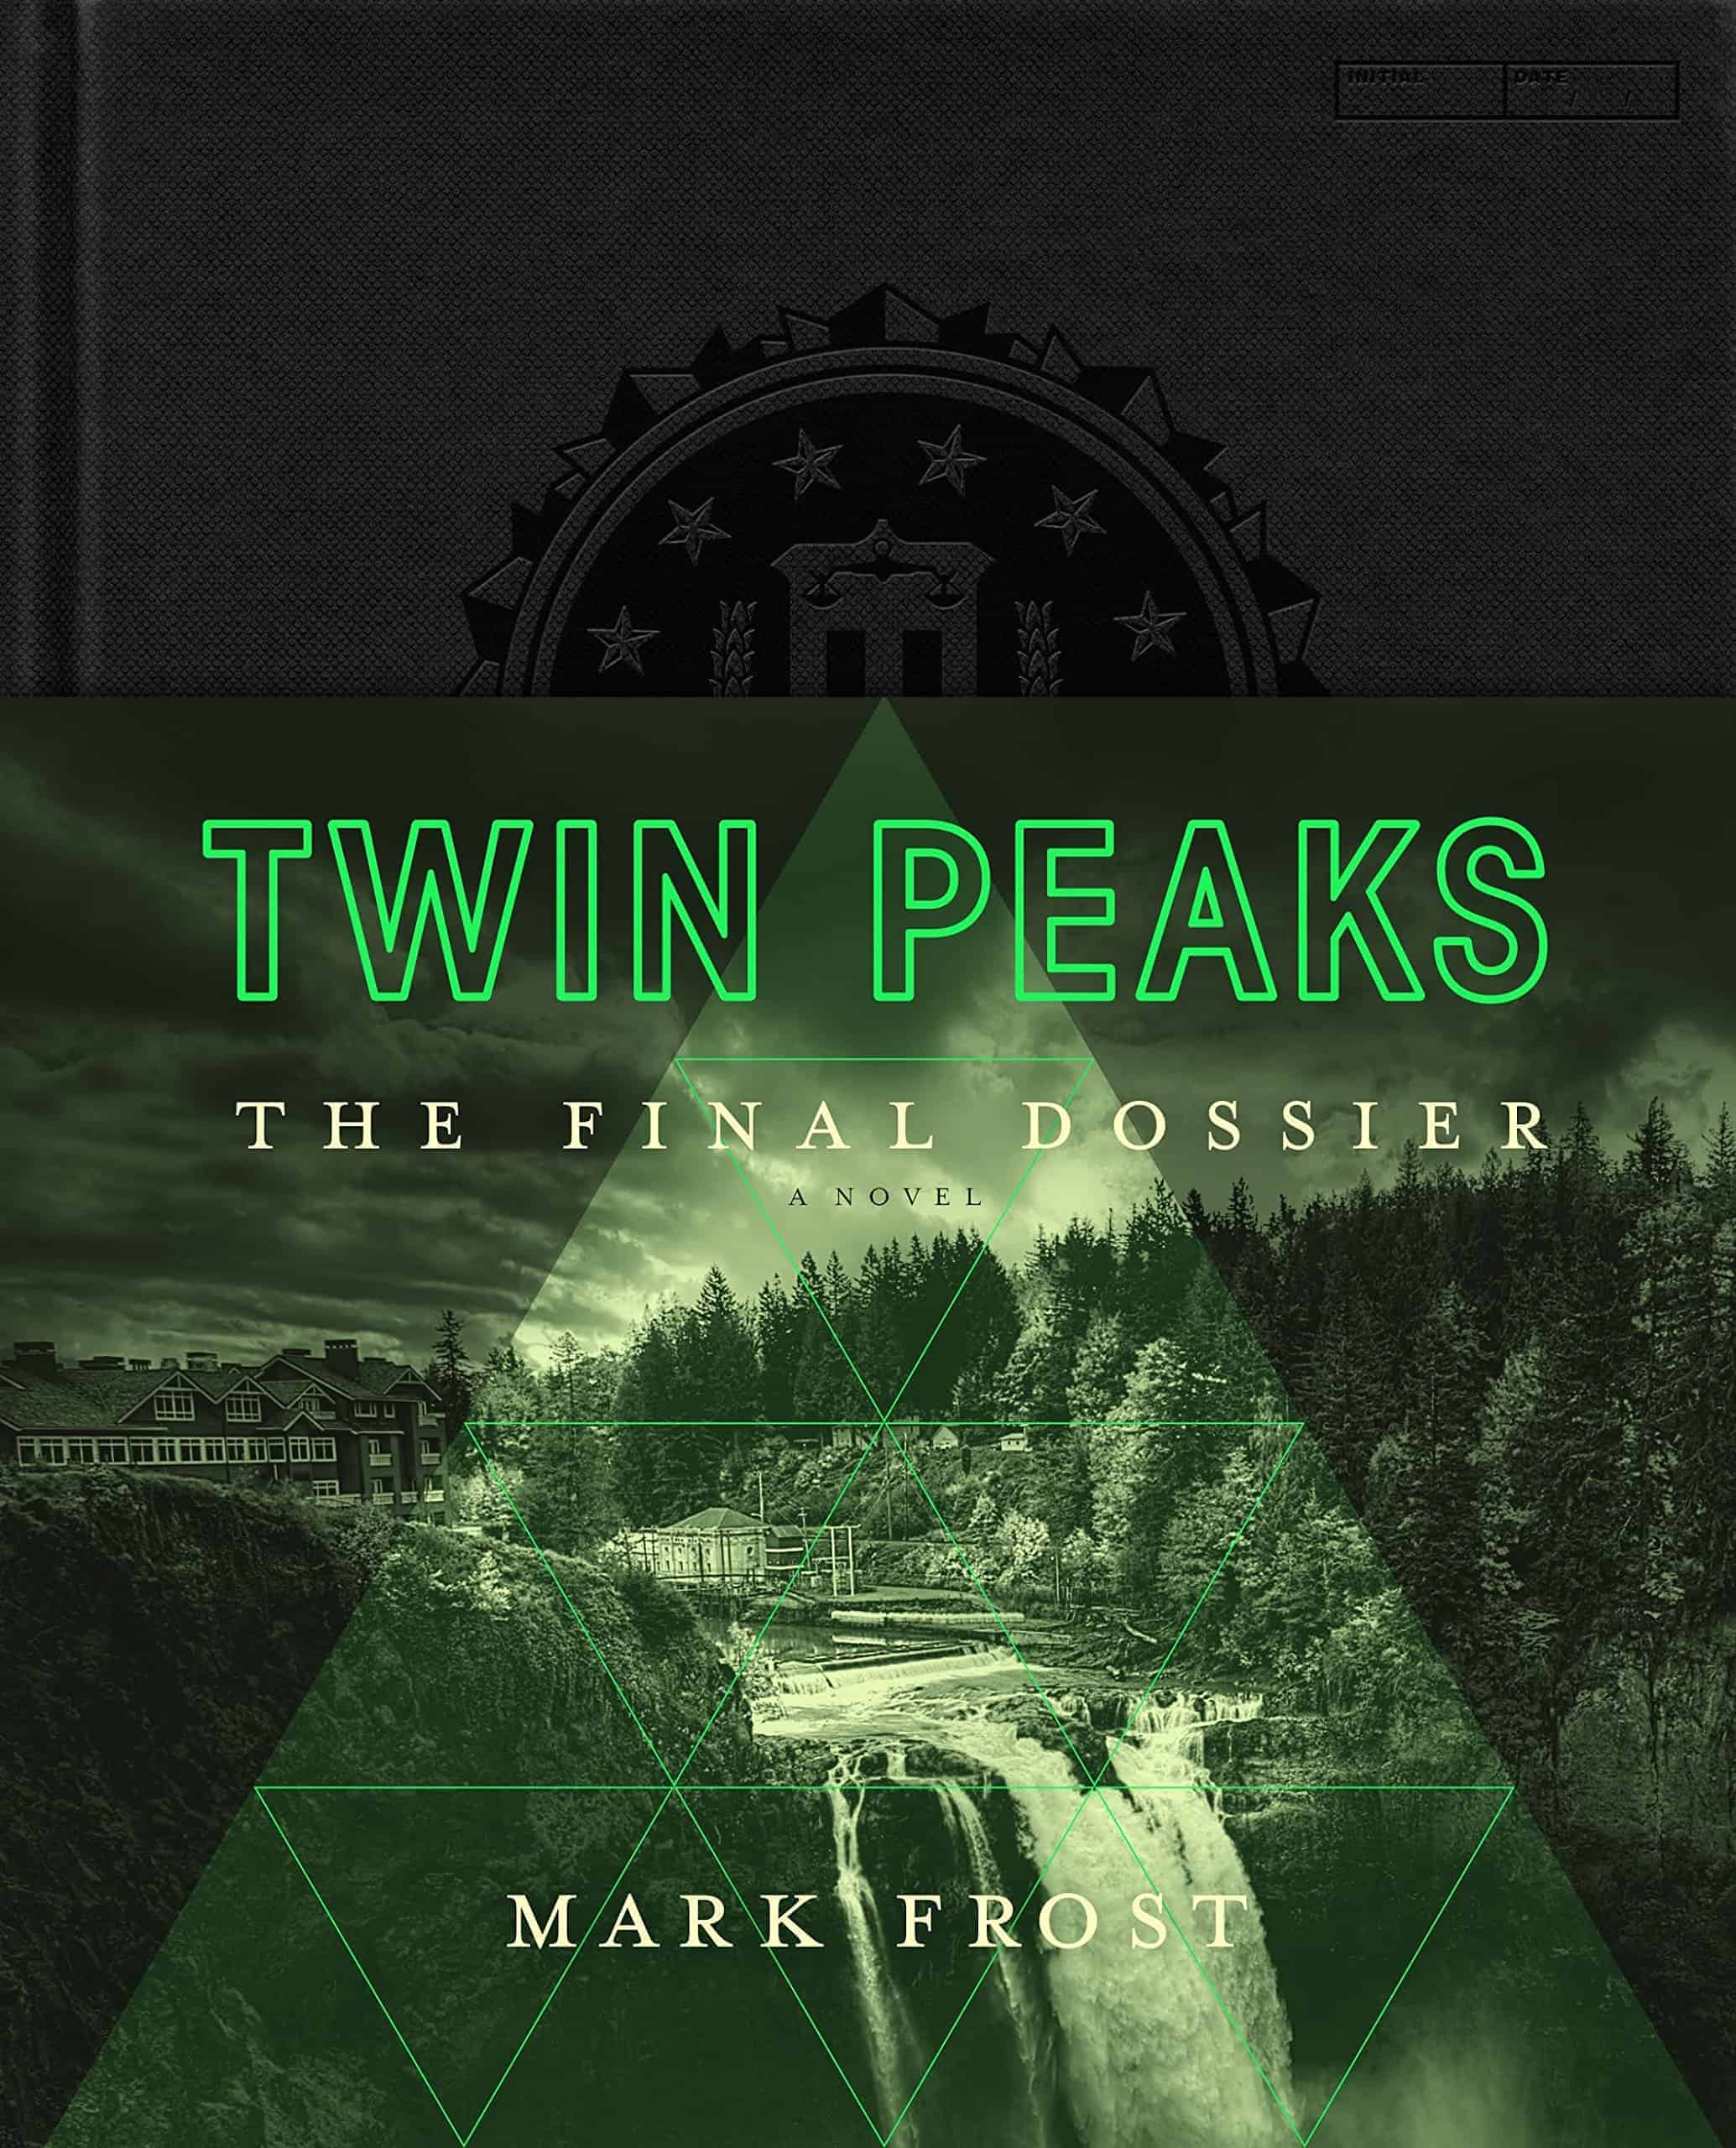 Mark Frost - Twin Peaks: The Final Dossier